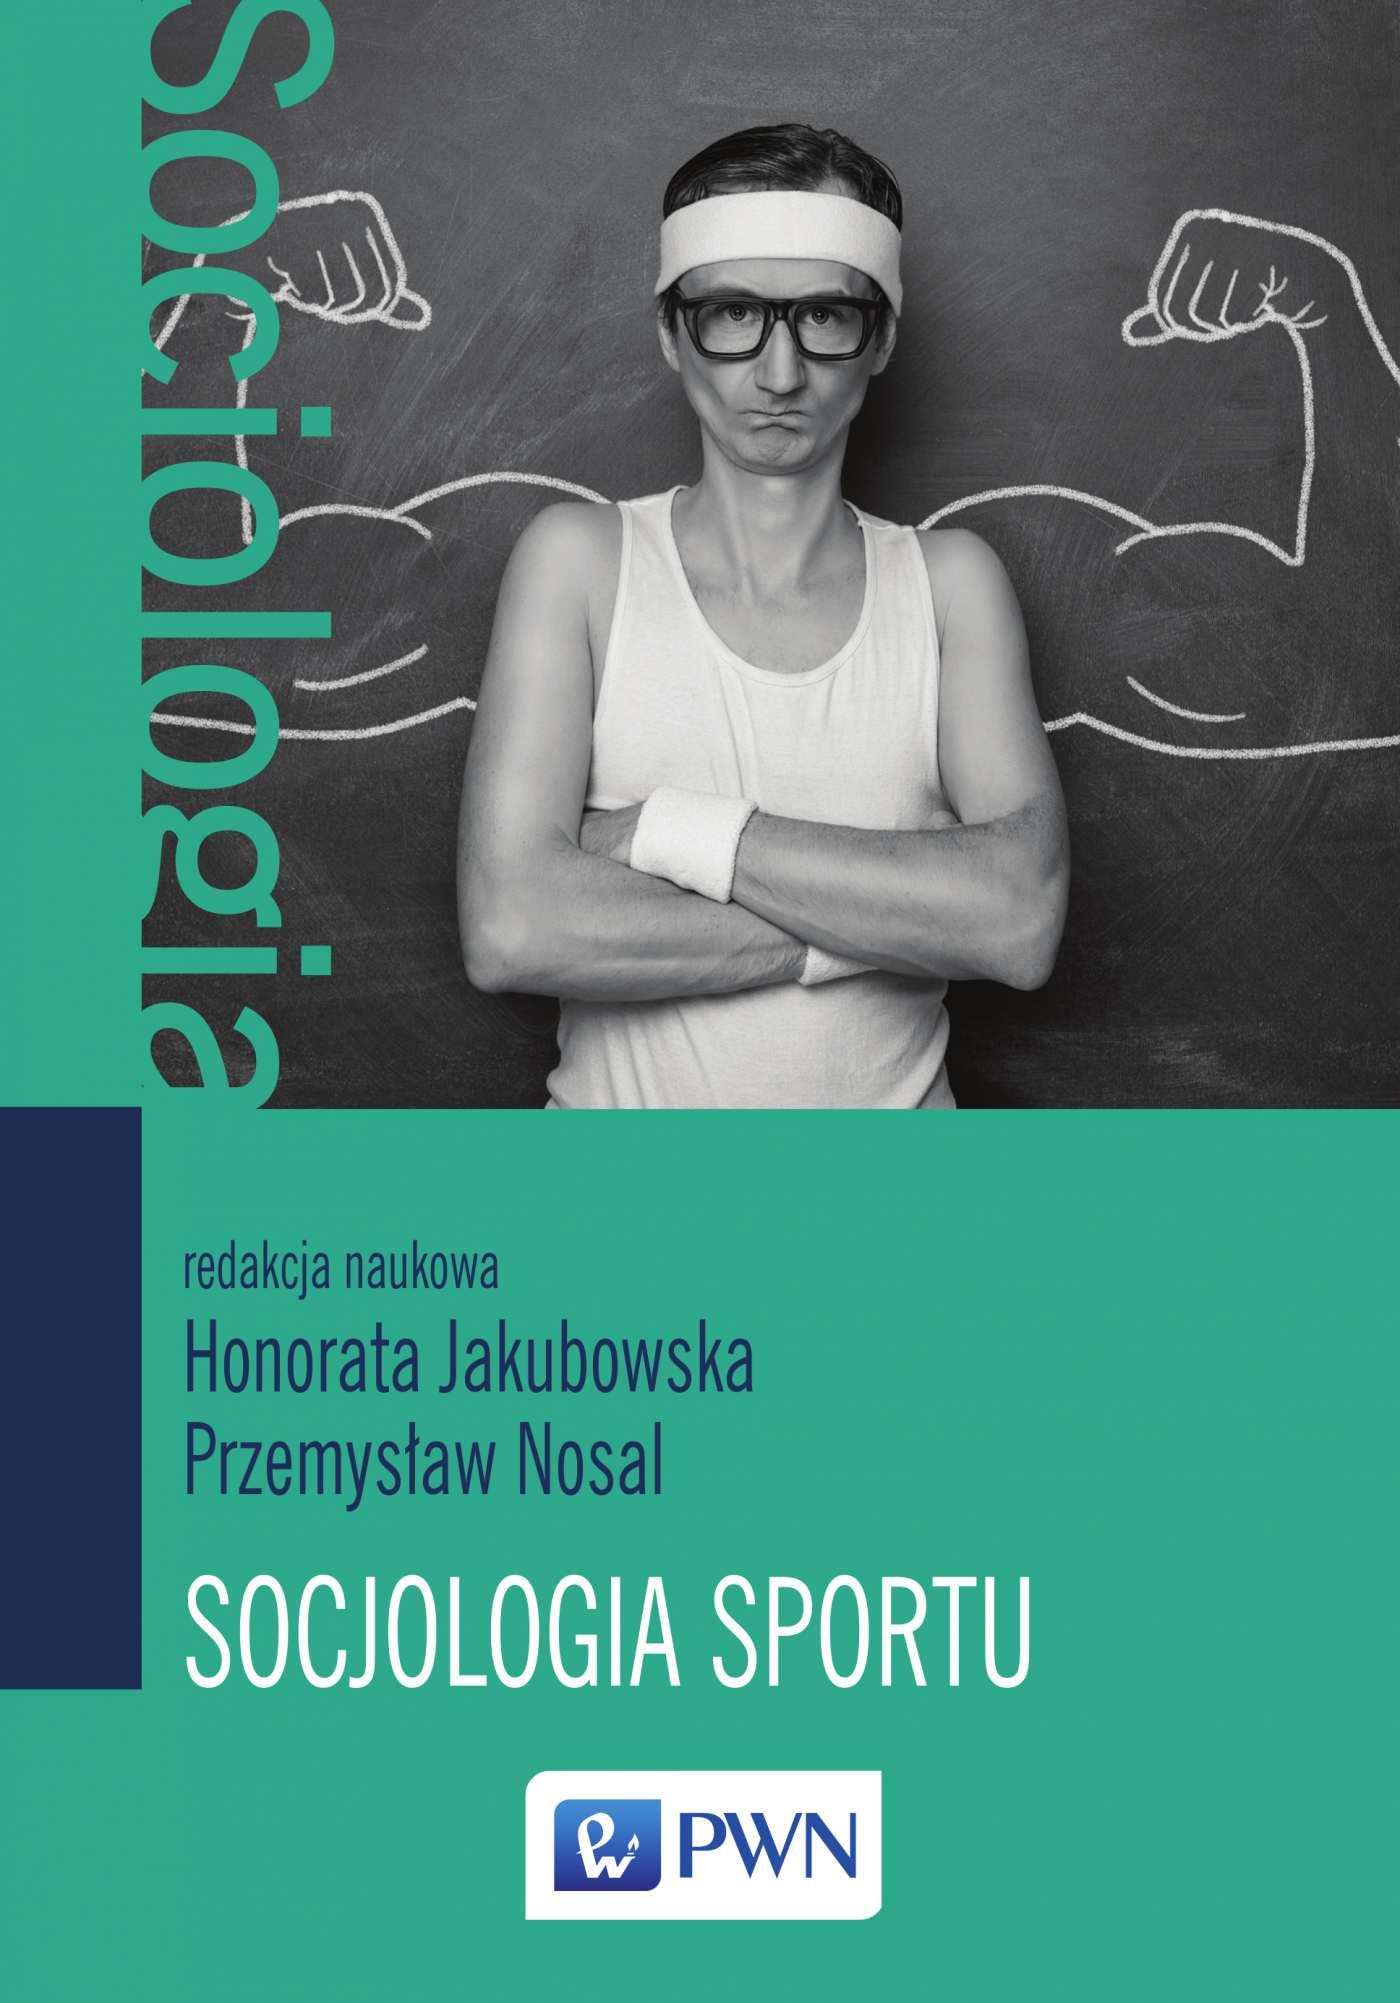 Socjologia sportu - Ebook (Książka EPUB) do pobrania w formacie EPUB